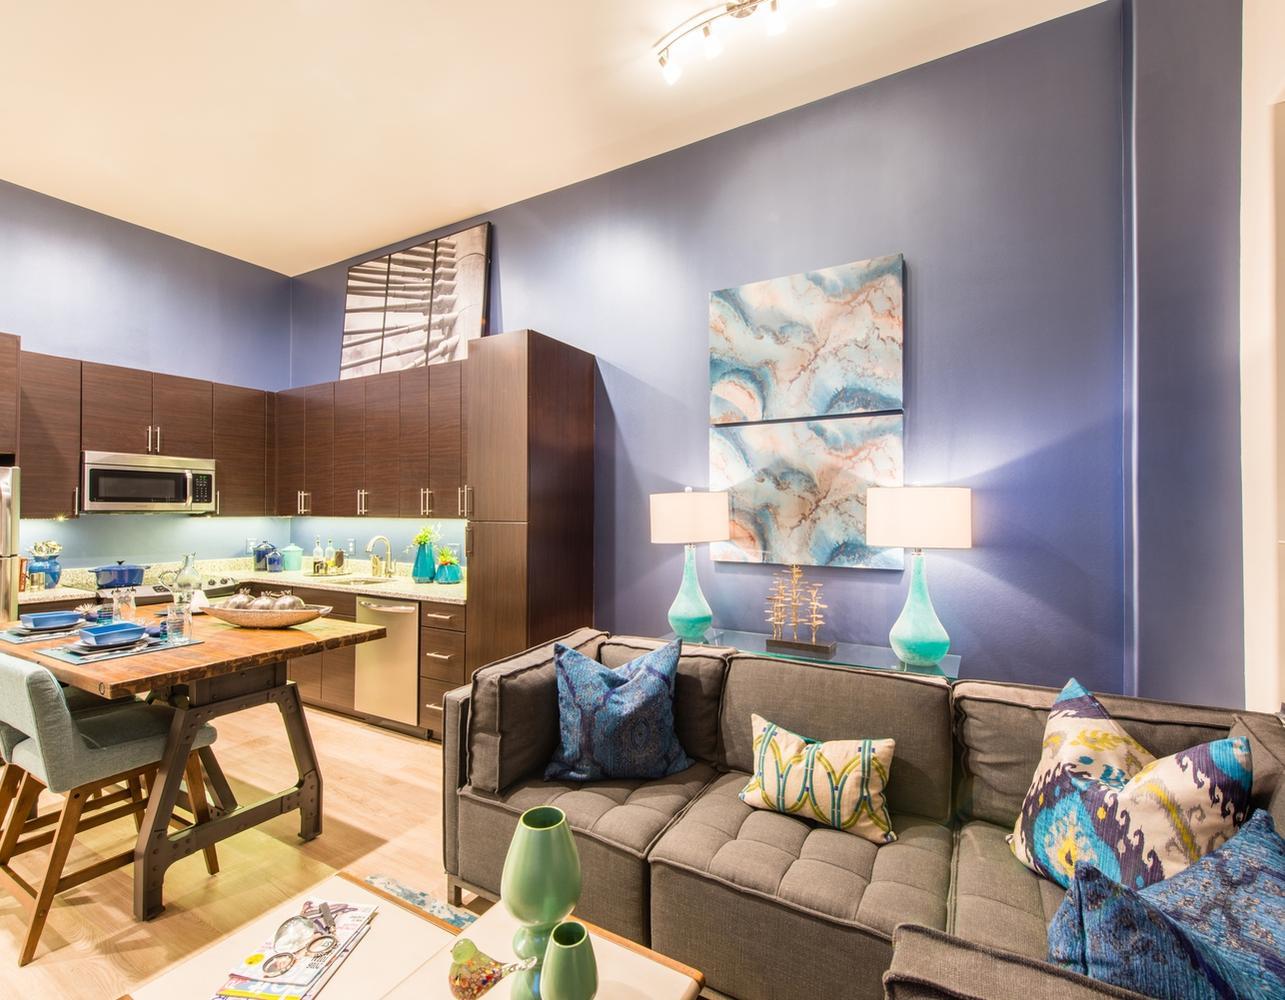 10 Light | Gables Residential Communities on